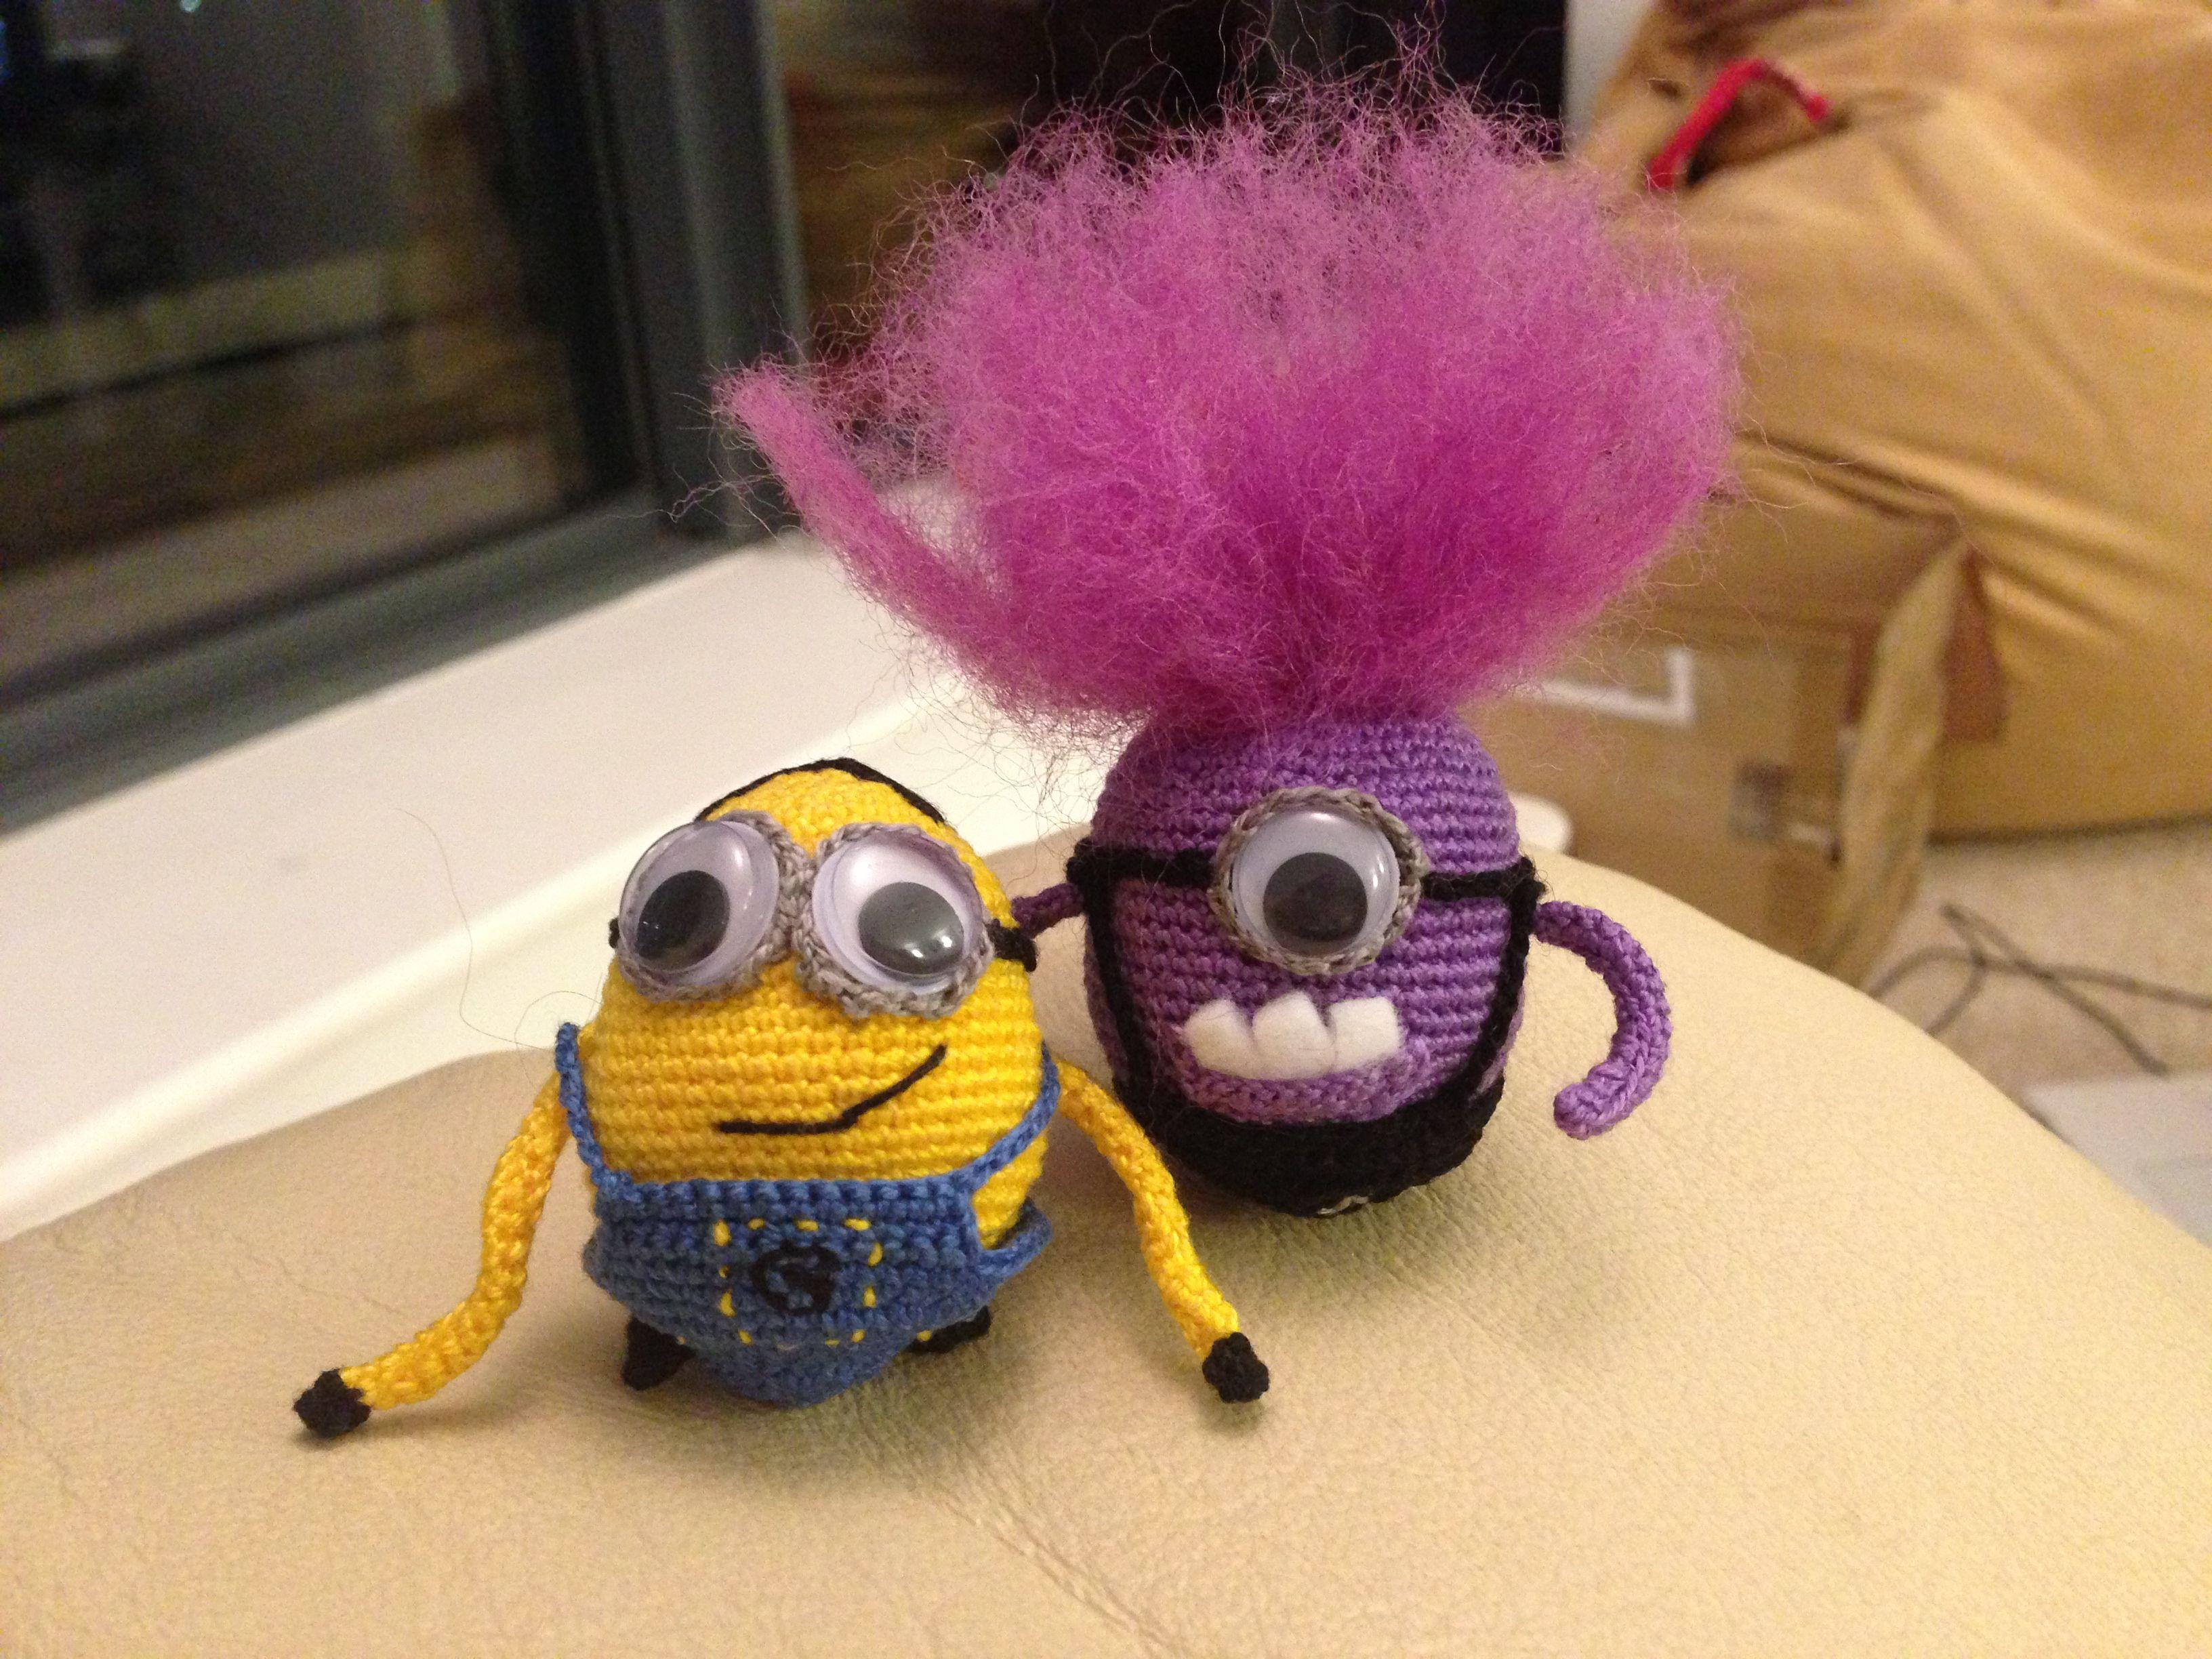 Crochet mini amigurumi yellow and purple minions from Despicable Me ...